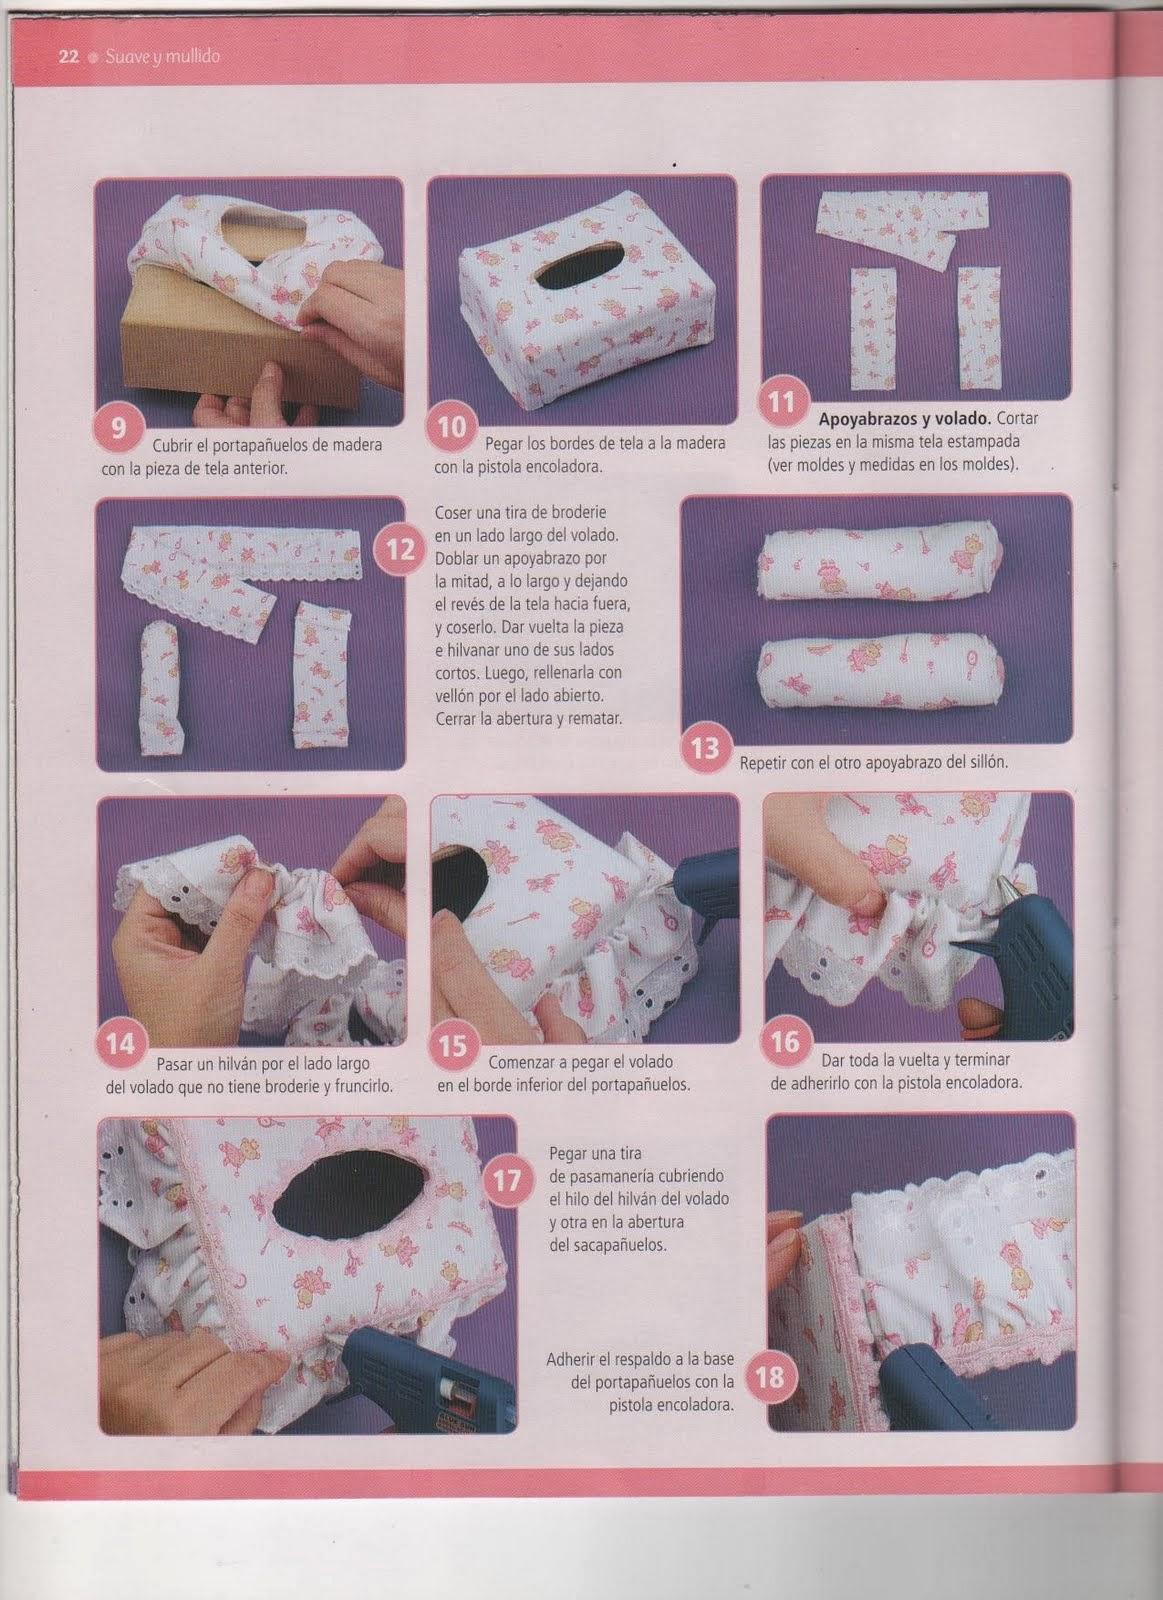 Поделки: Журнал для куклы своими руками 25